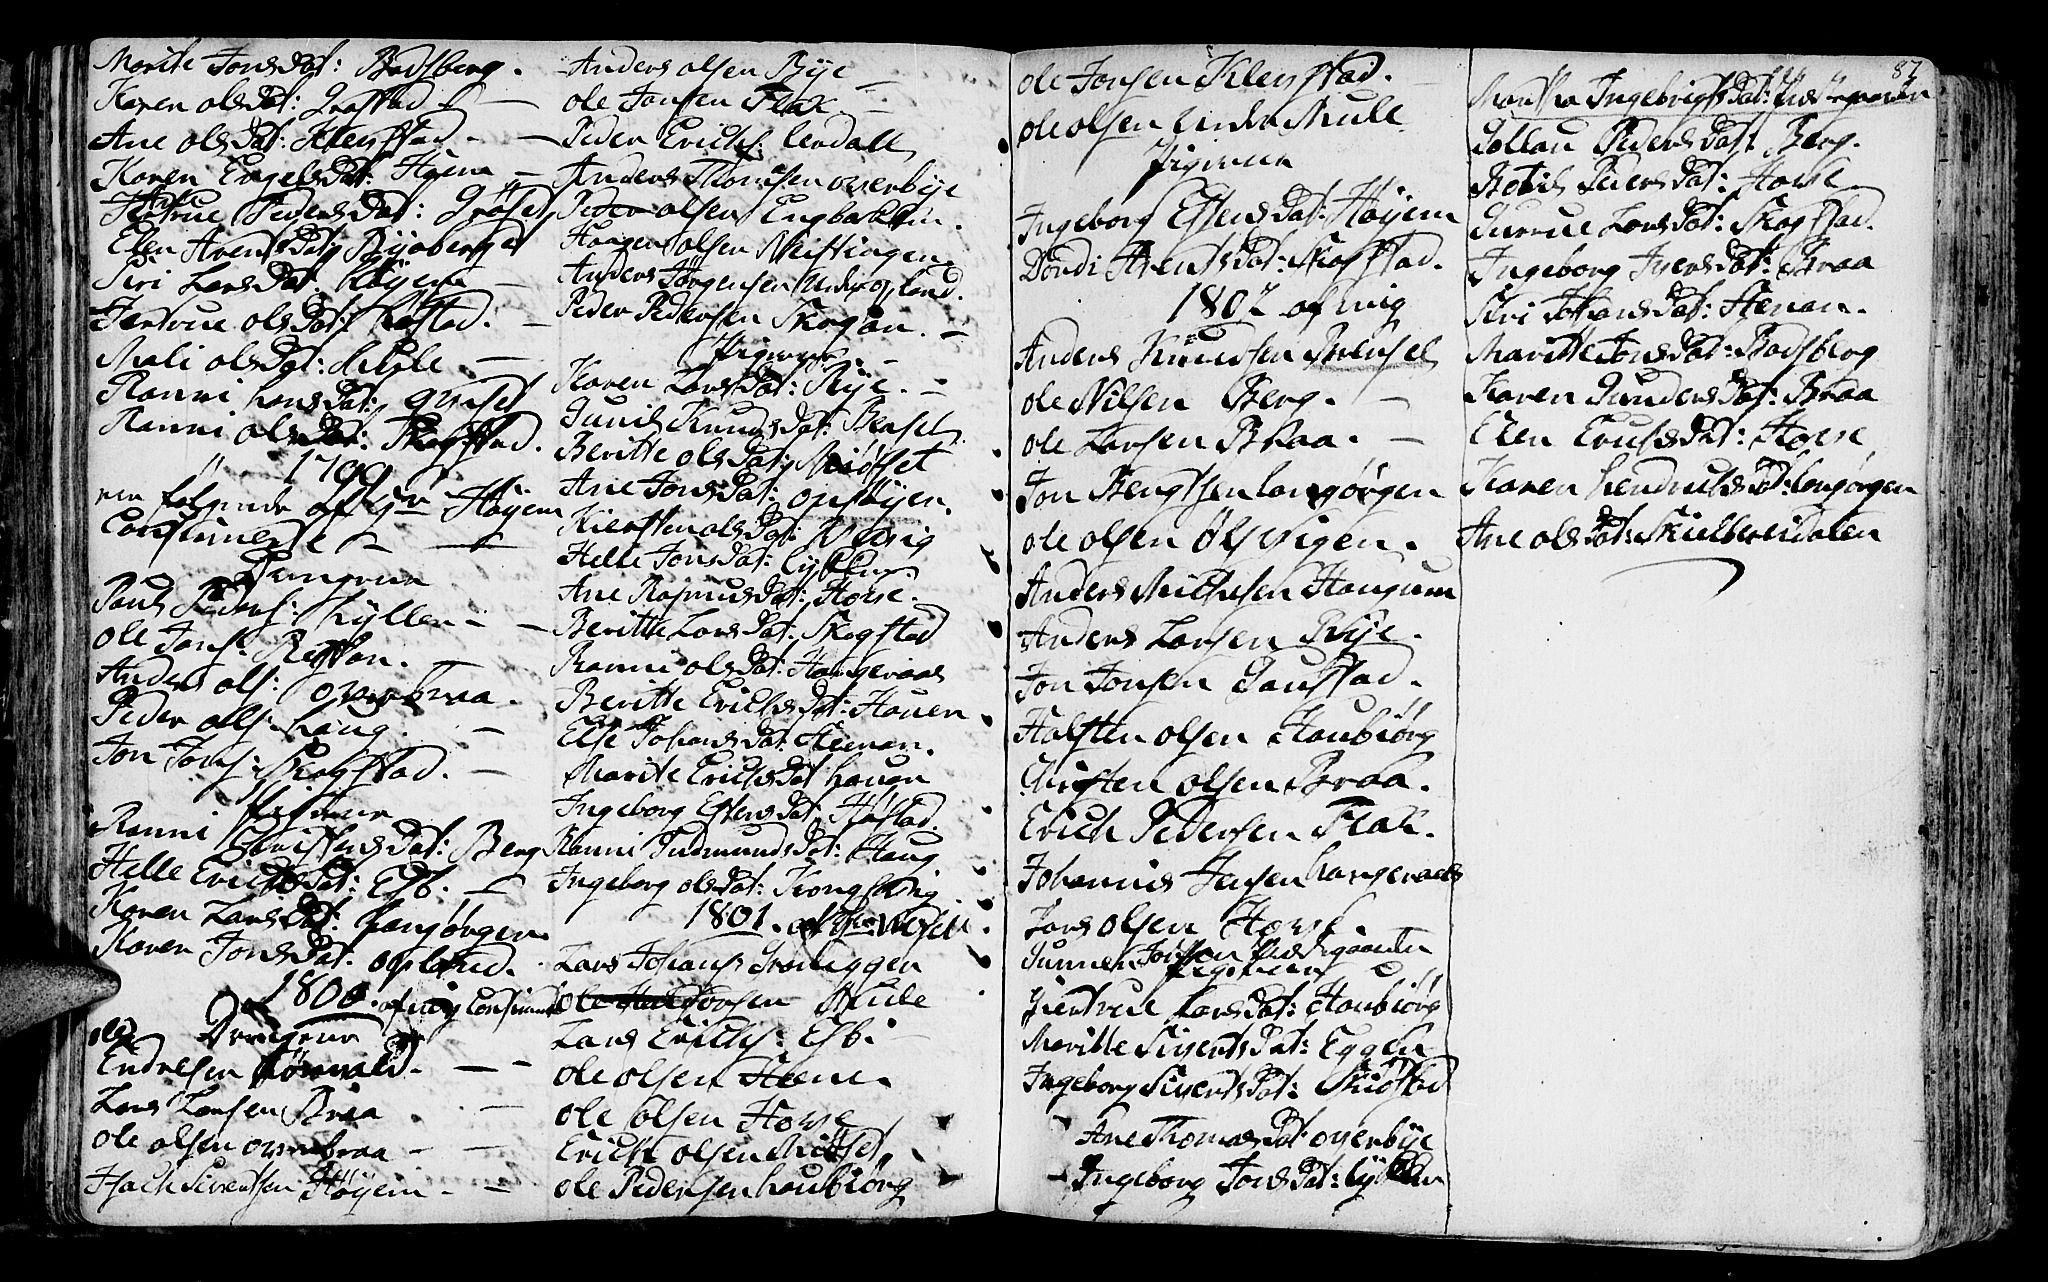 SAT, Ministerialprotokoller, klokkerbøker og fødselsregistre - Sør-Trøndelag, 612/L0370: Ministerialbok nr. 612A04, 1754-1802, s. 87